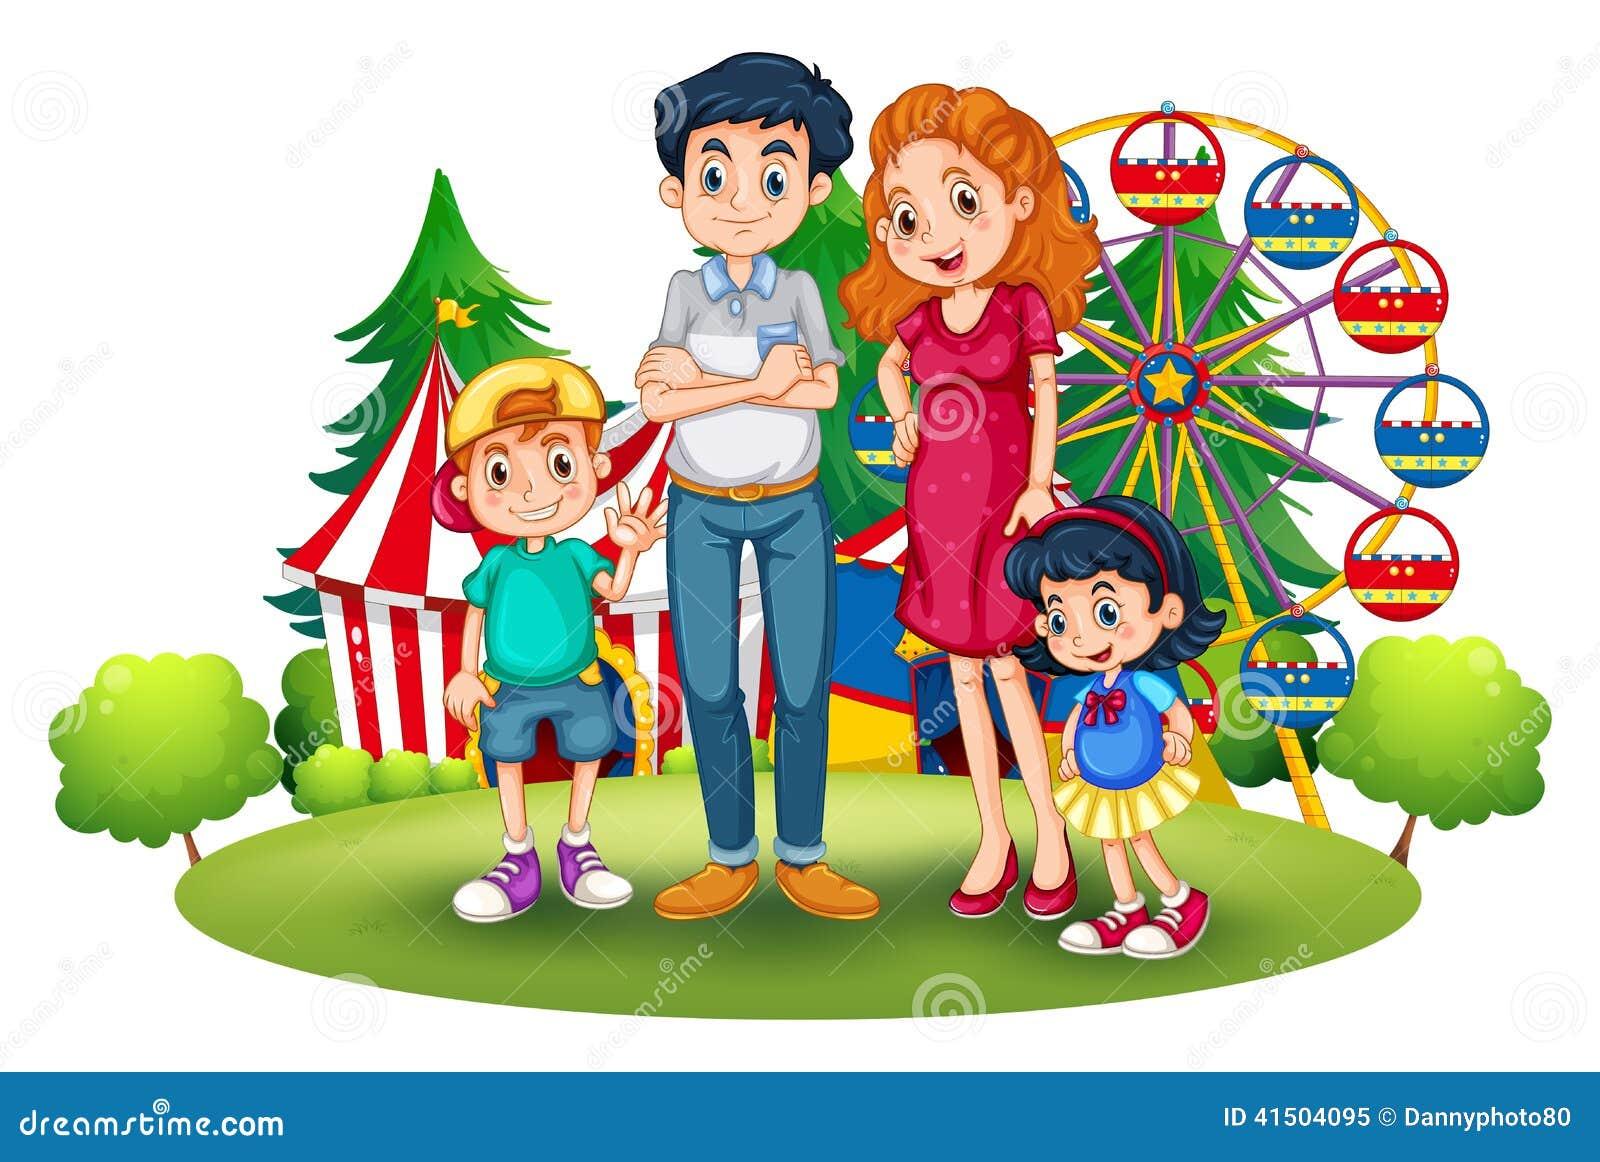 Home Garden Design Games A Family At The Amusement Park Stock Vector Image 41504095